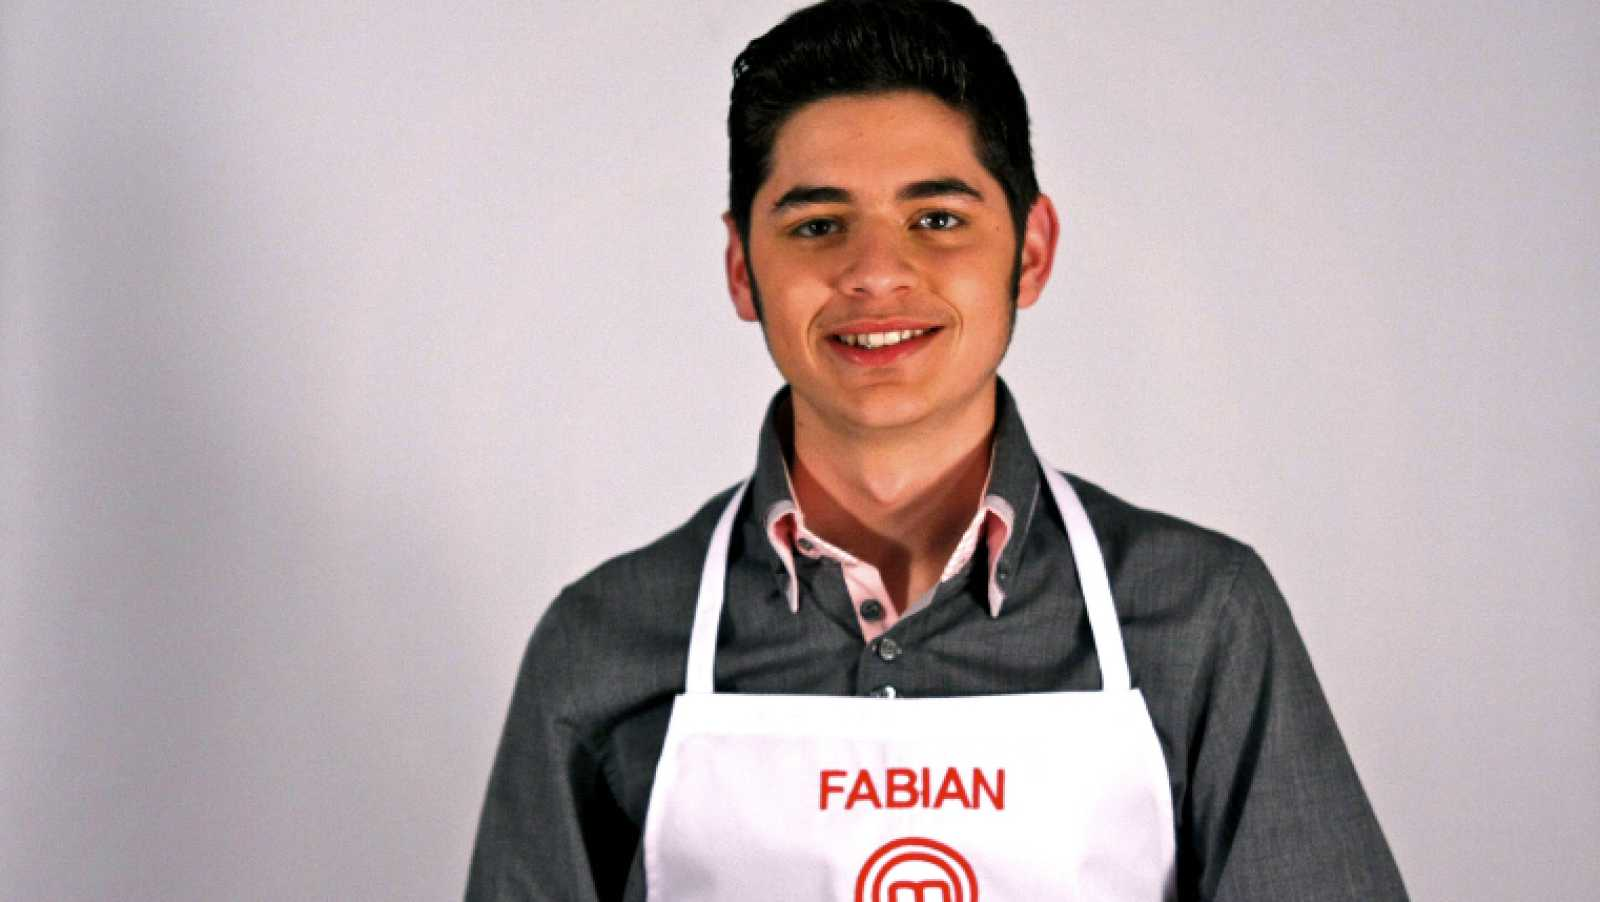 MasterChef - Fabián. 18 años, estudiante (Palma de Mallorca)